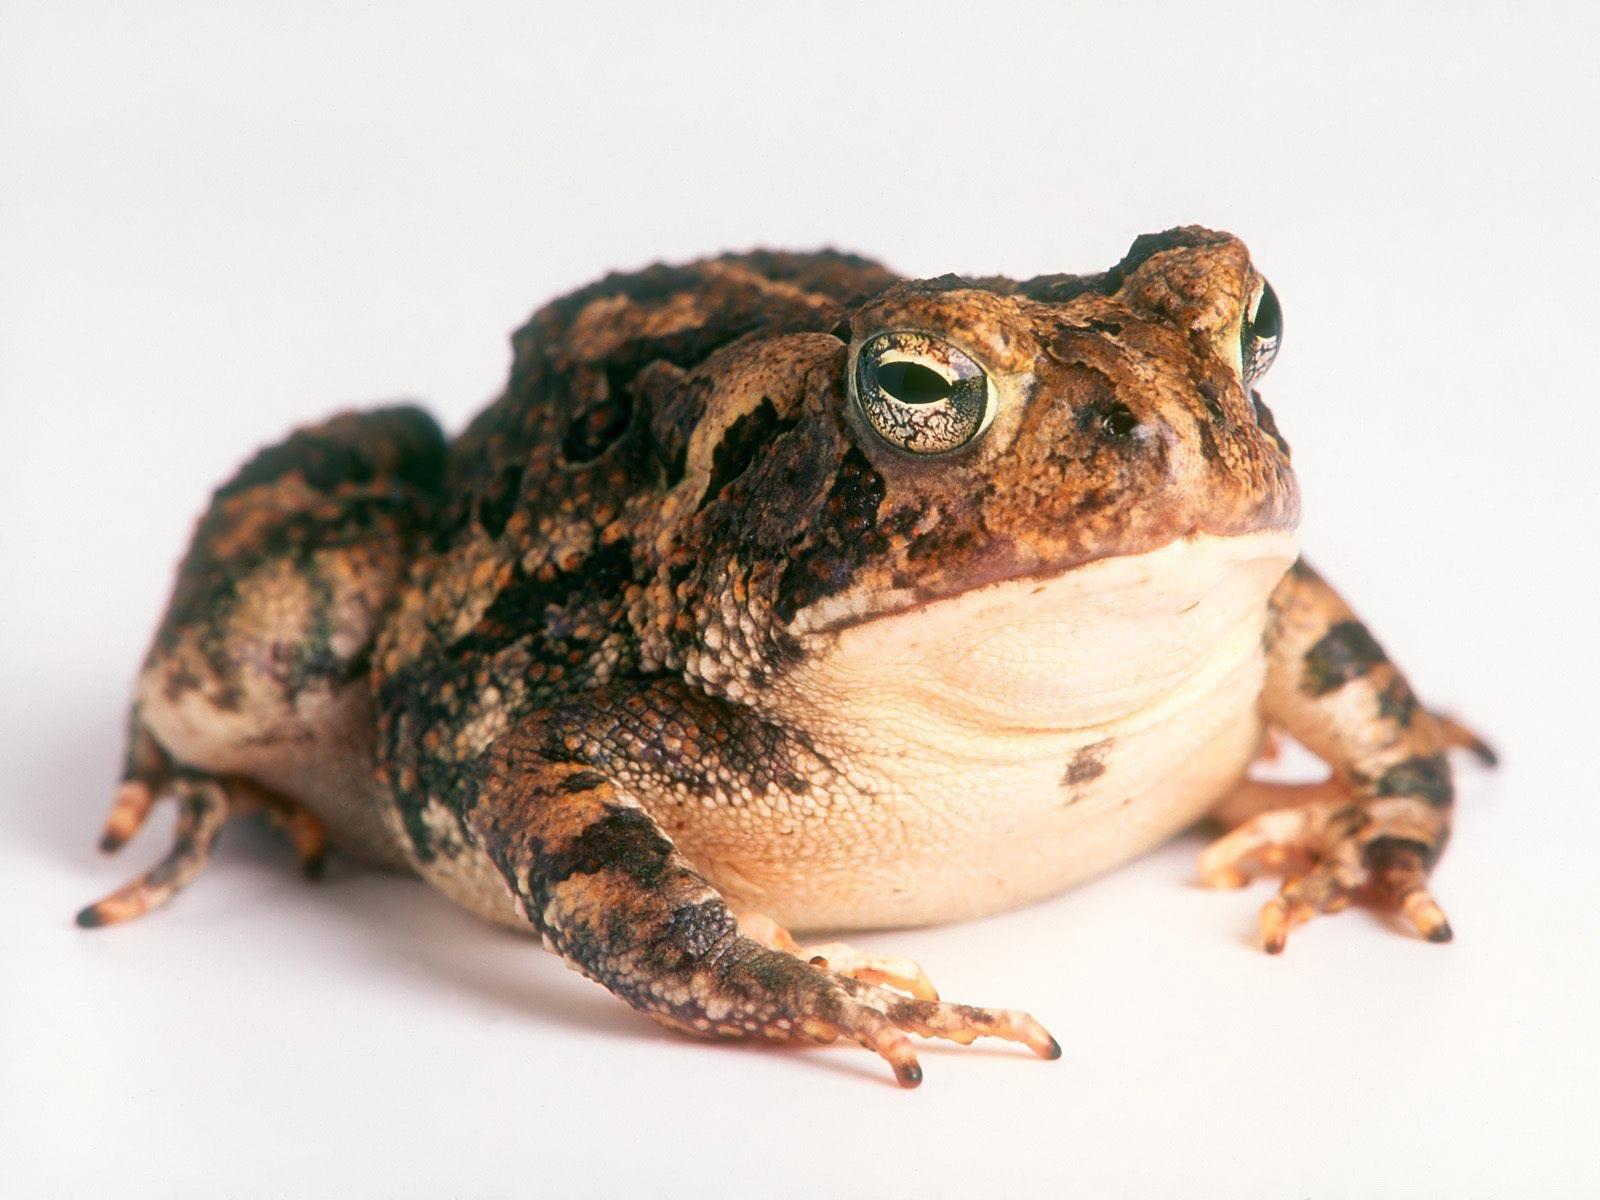 Отличаются жаба от лягушки по посадке: у жабы голова всегда ближе к земле